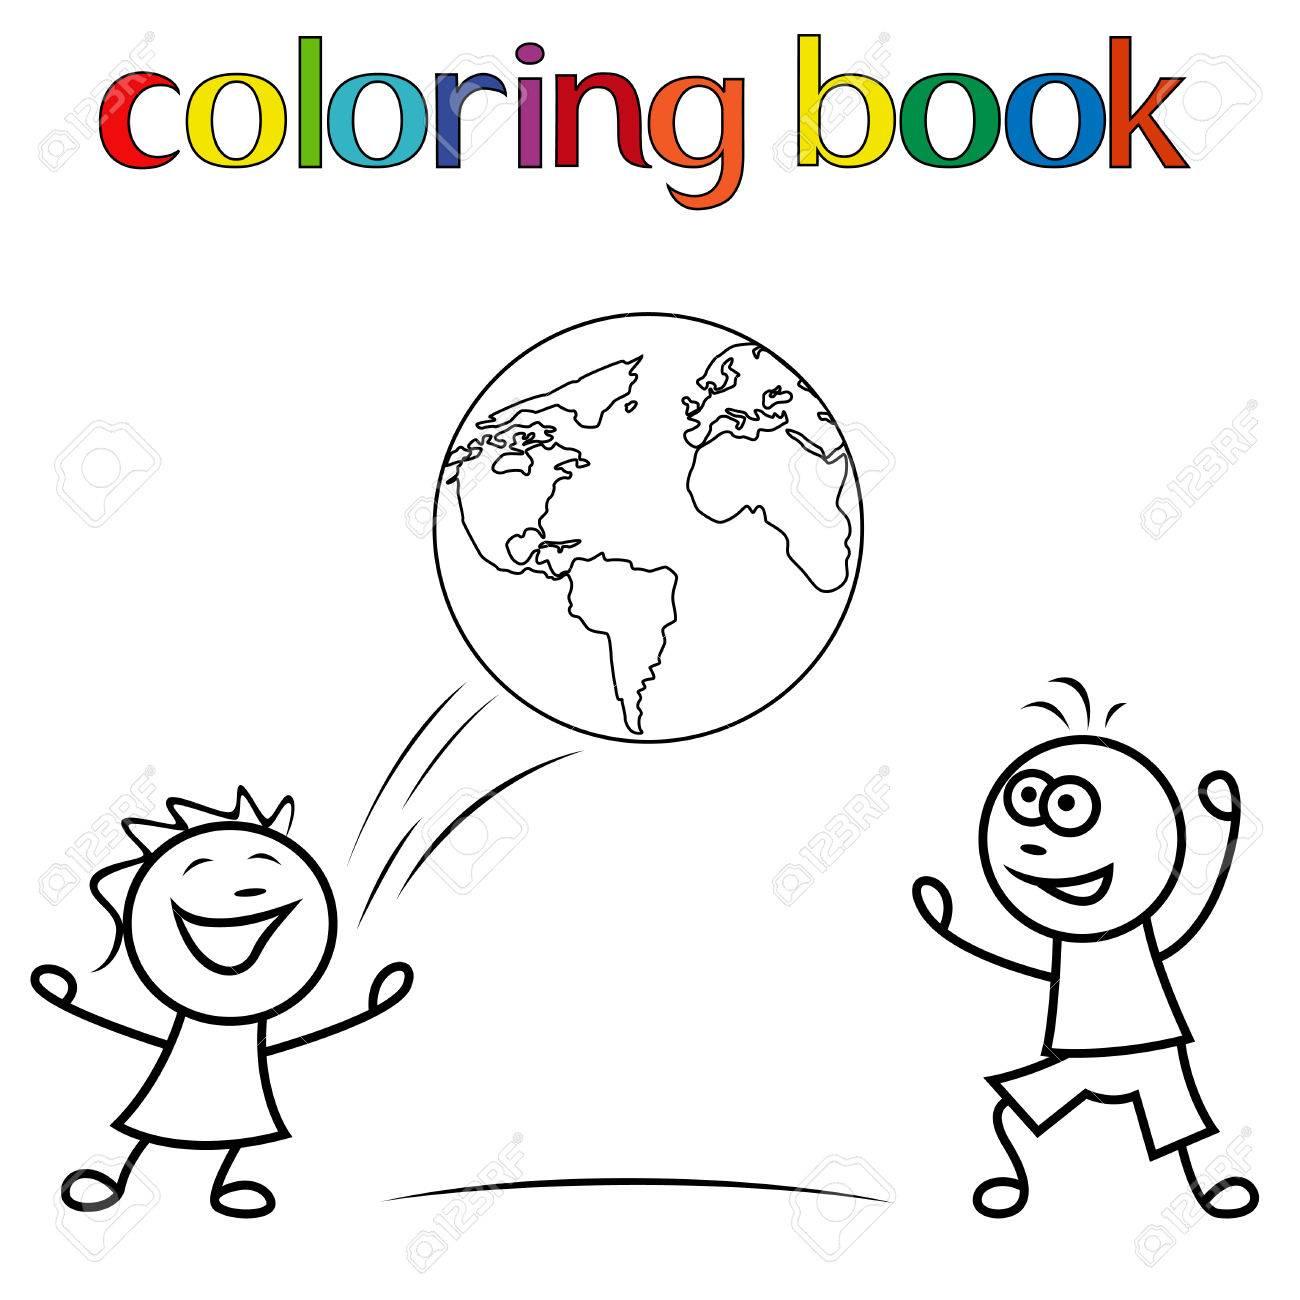 Niños Y Niñas Jugando Con La Pelota Como Un Globo Ilustración Vectorial De Dibujos Animados De Libro Para Colorear